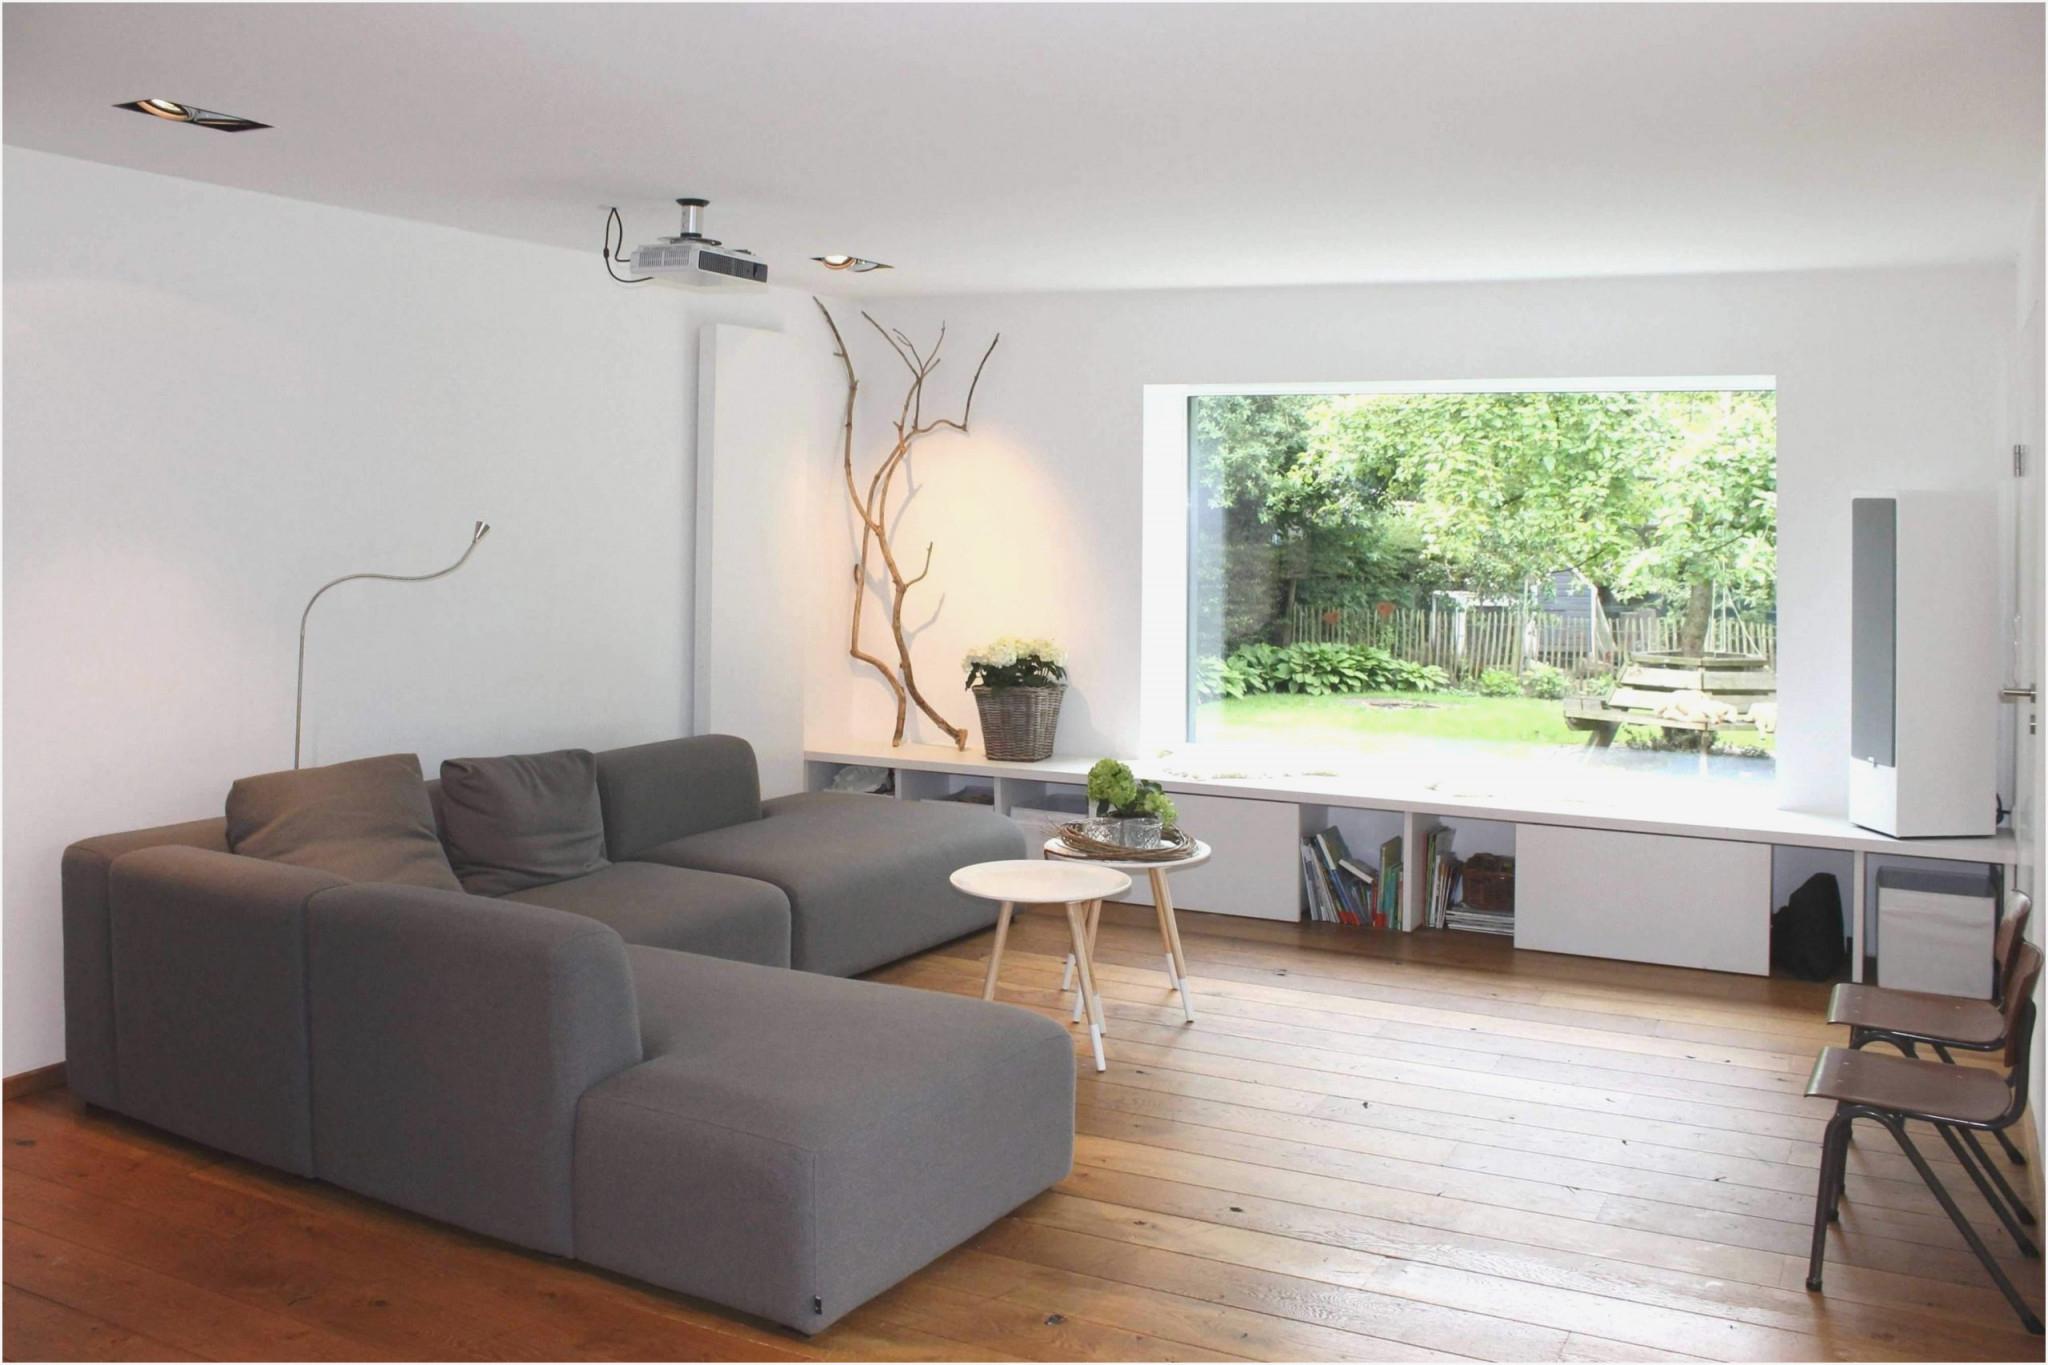 Wohnzimmer Gestalten Grau Braun  Wohnzimmer  Traumhaus von Wohnzimmer Braun Grau Gestalten Bild